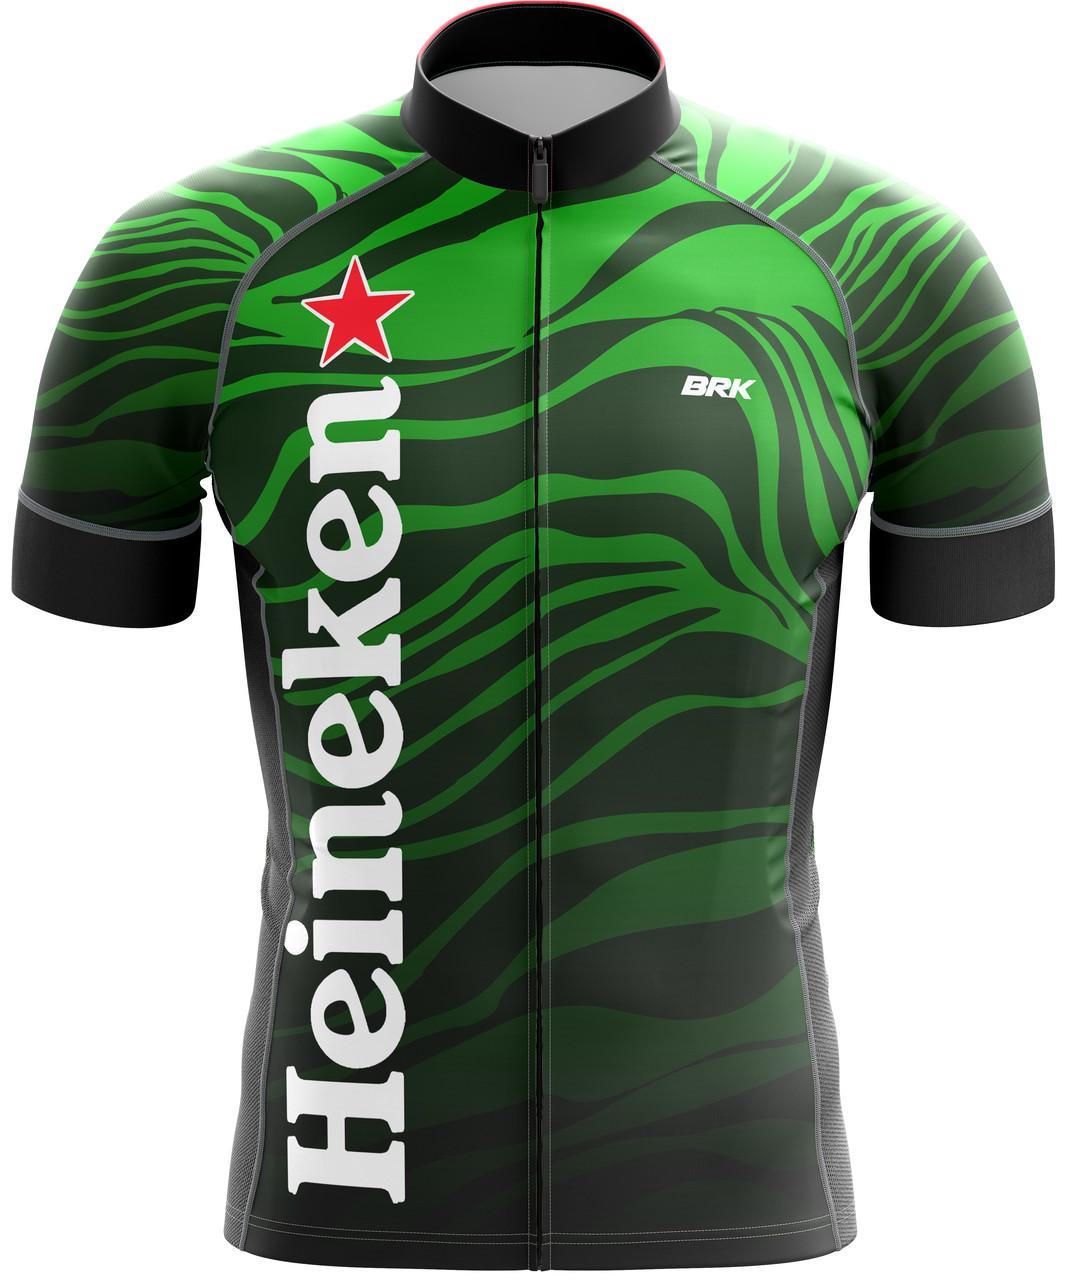 Camisa Ciclismo Brk Heineken com FPU 50+